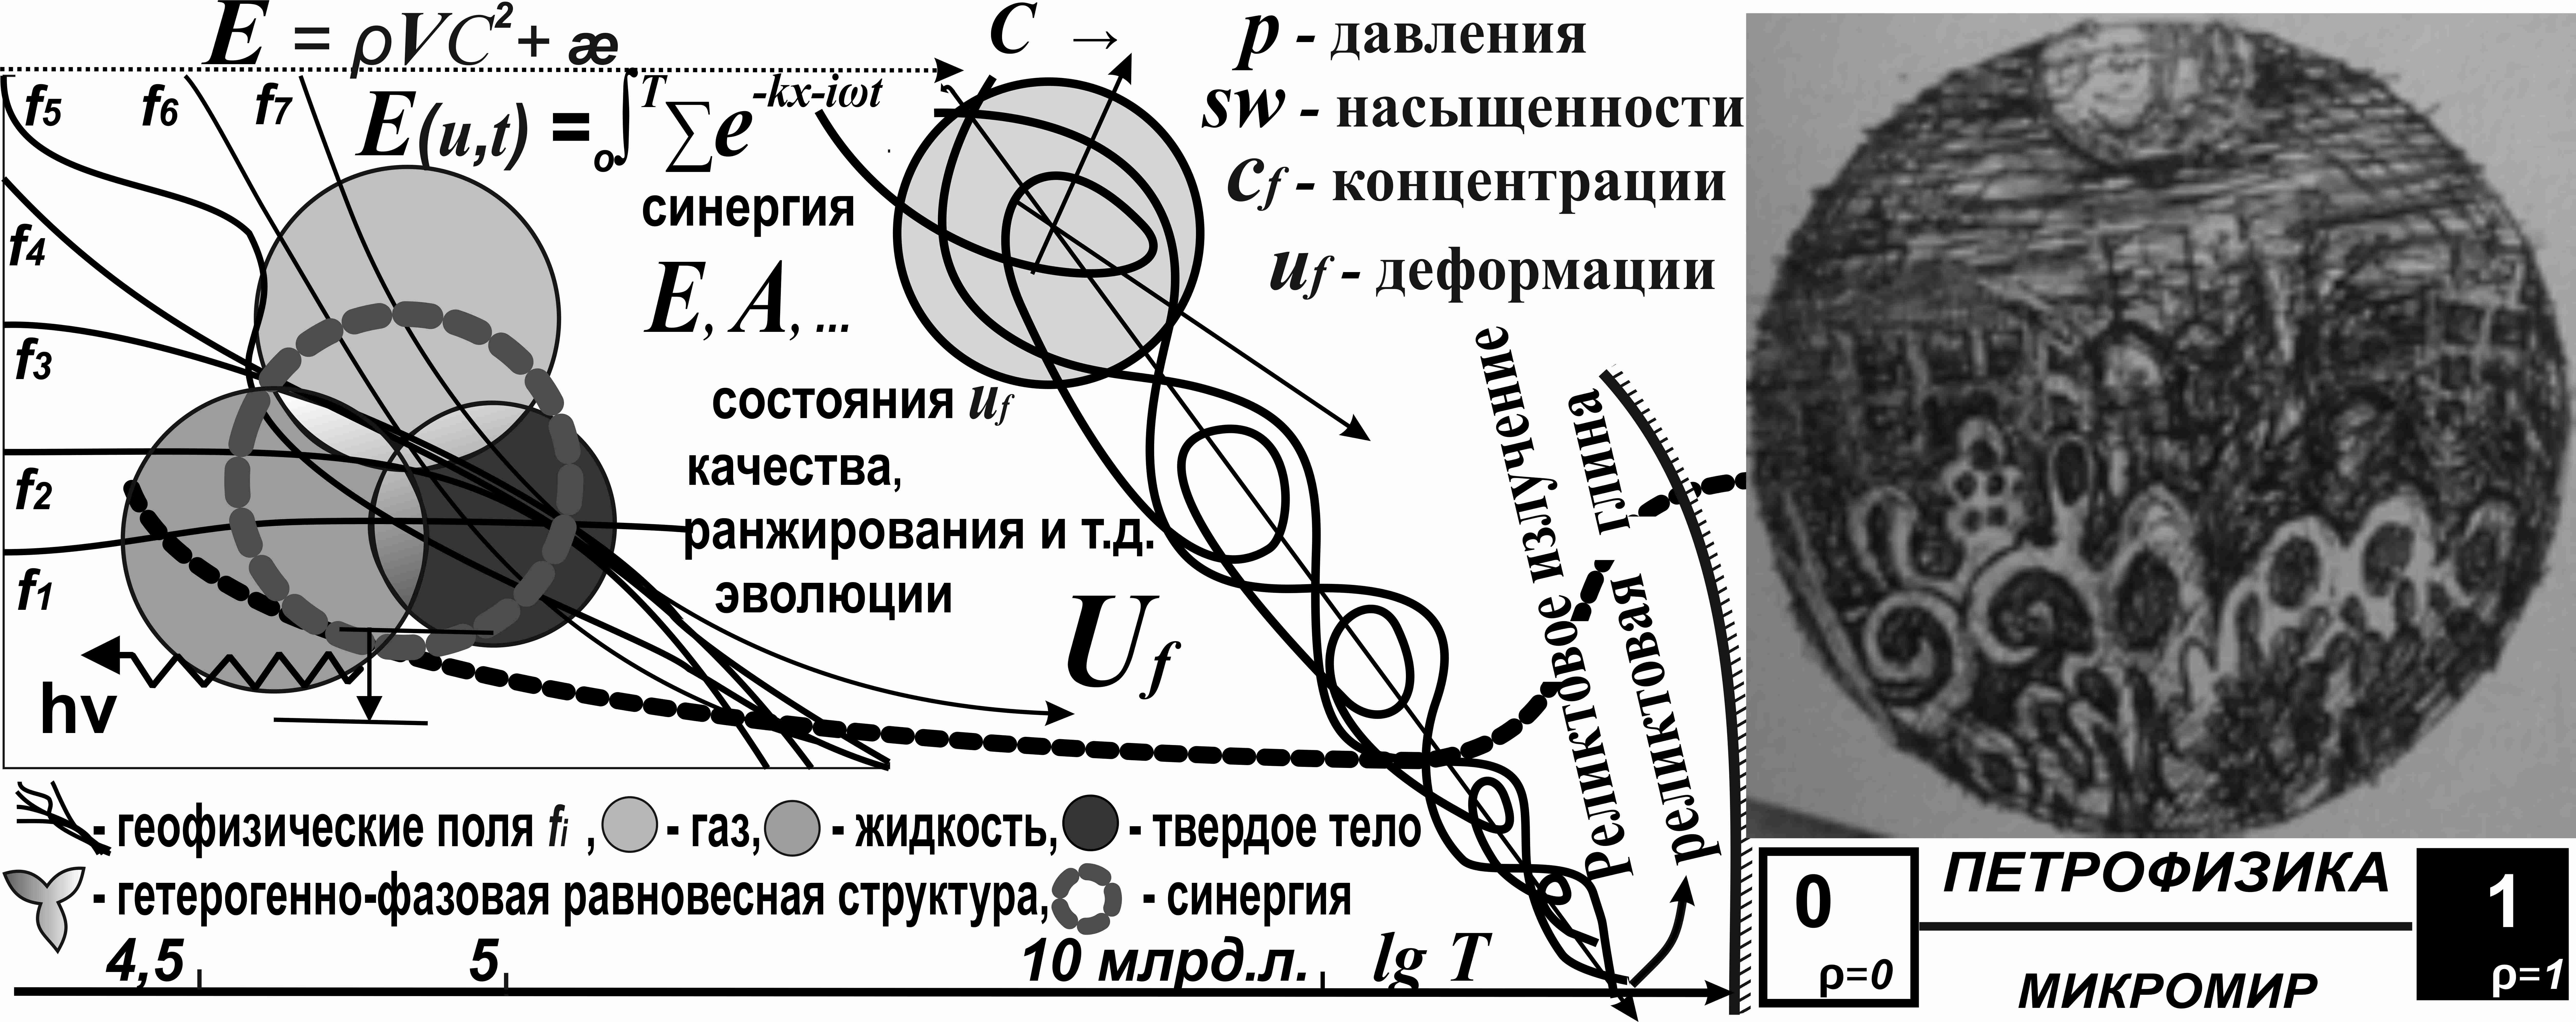 Geterogenno-fazovaya evolyutsiya Uf sinergii